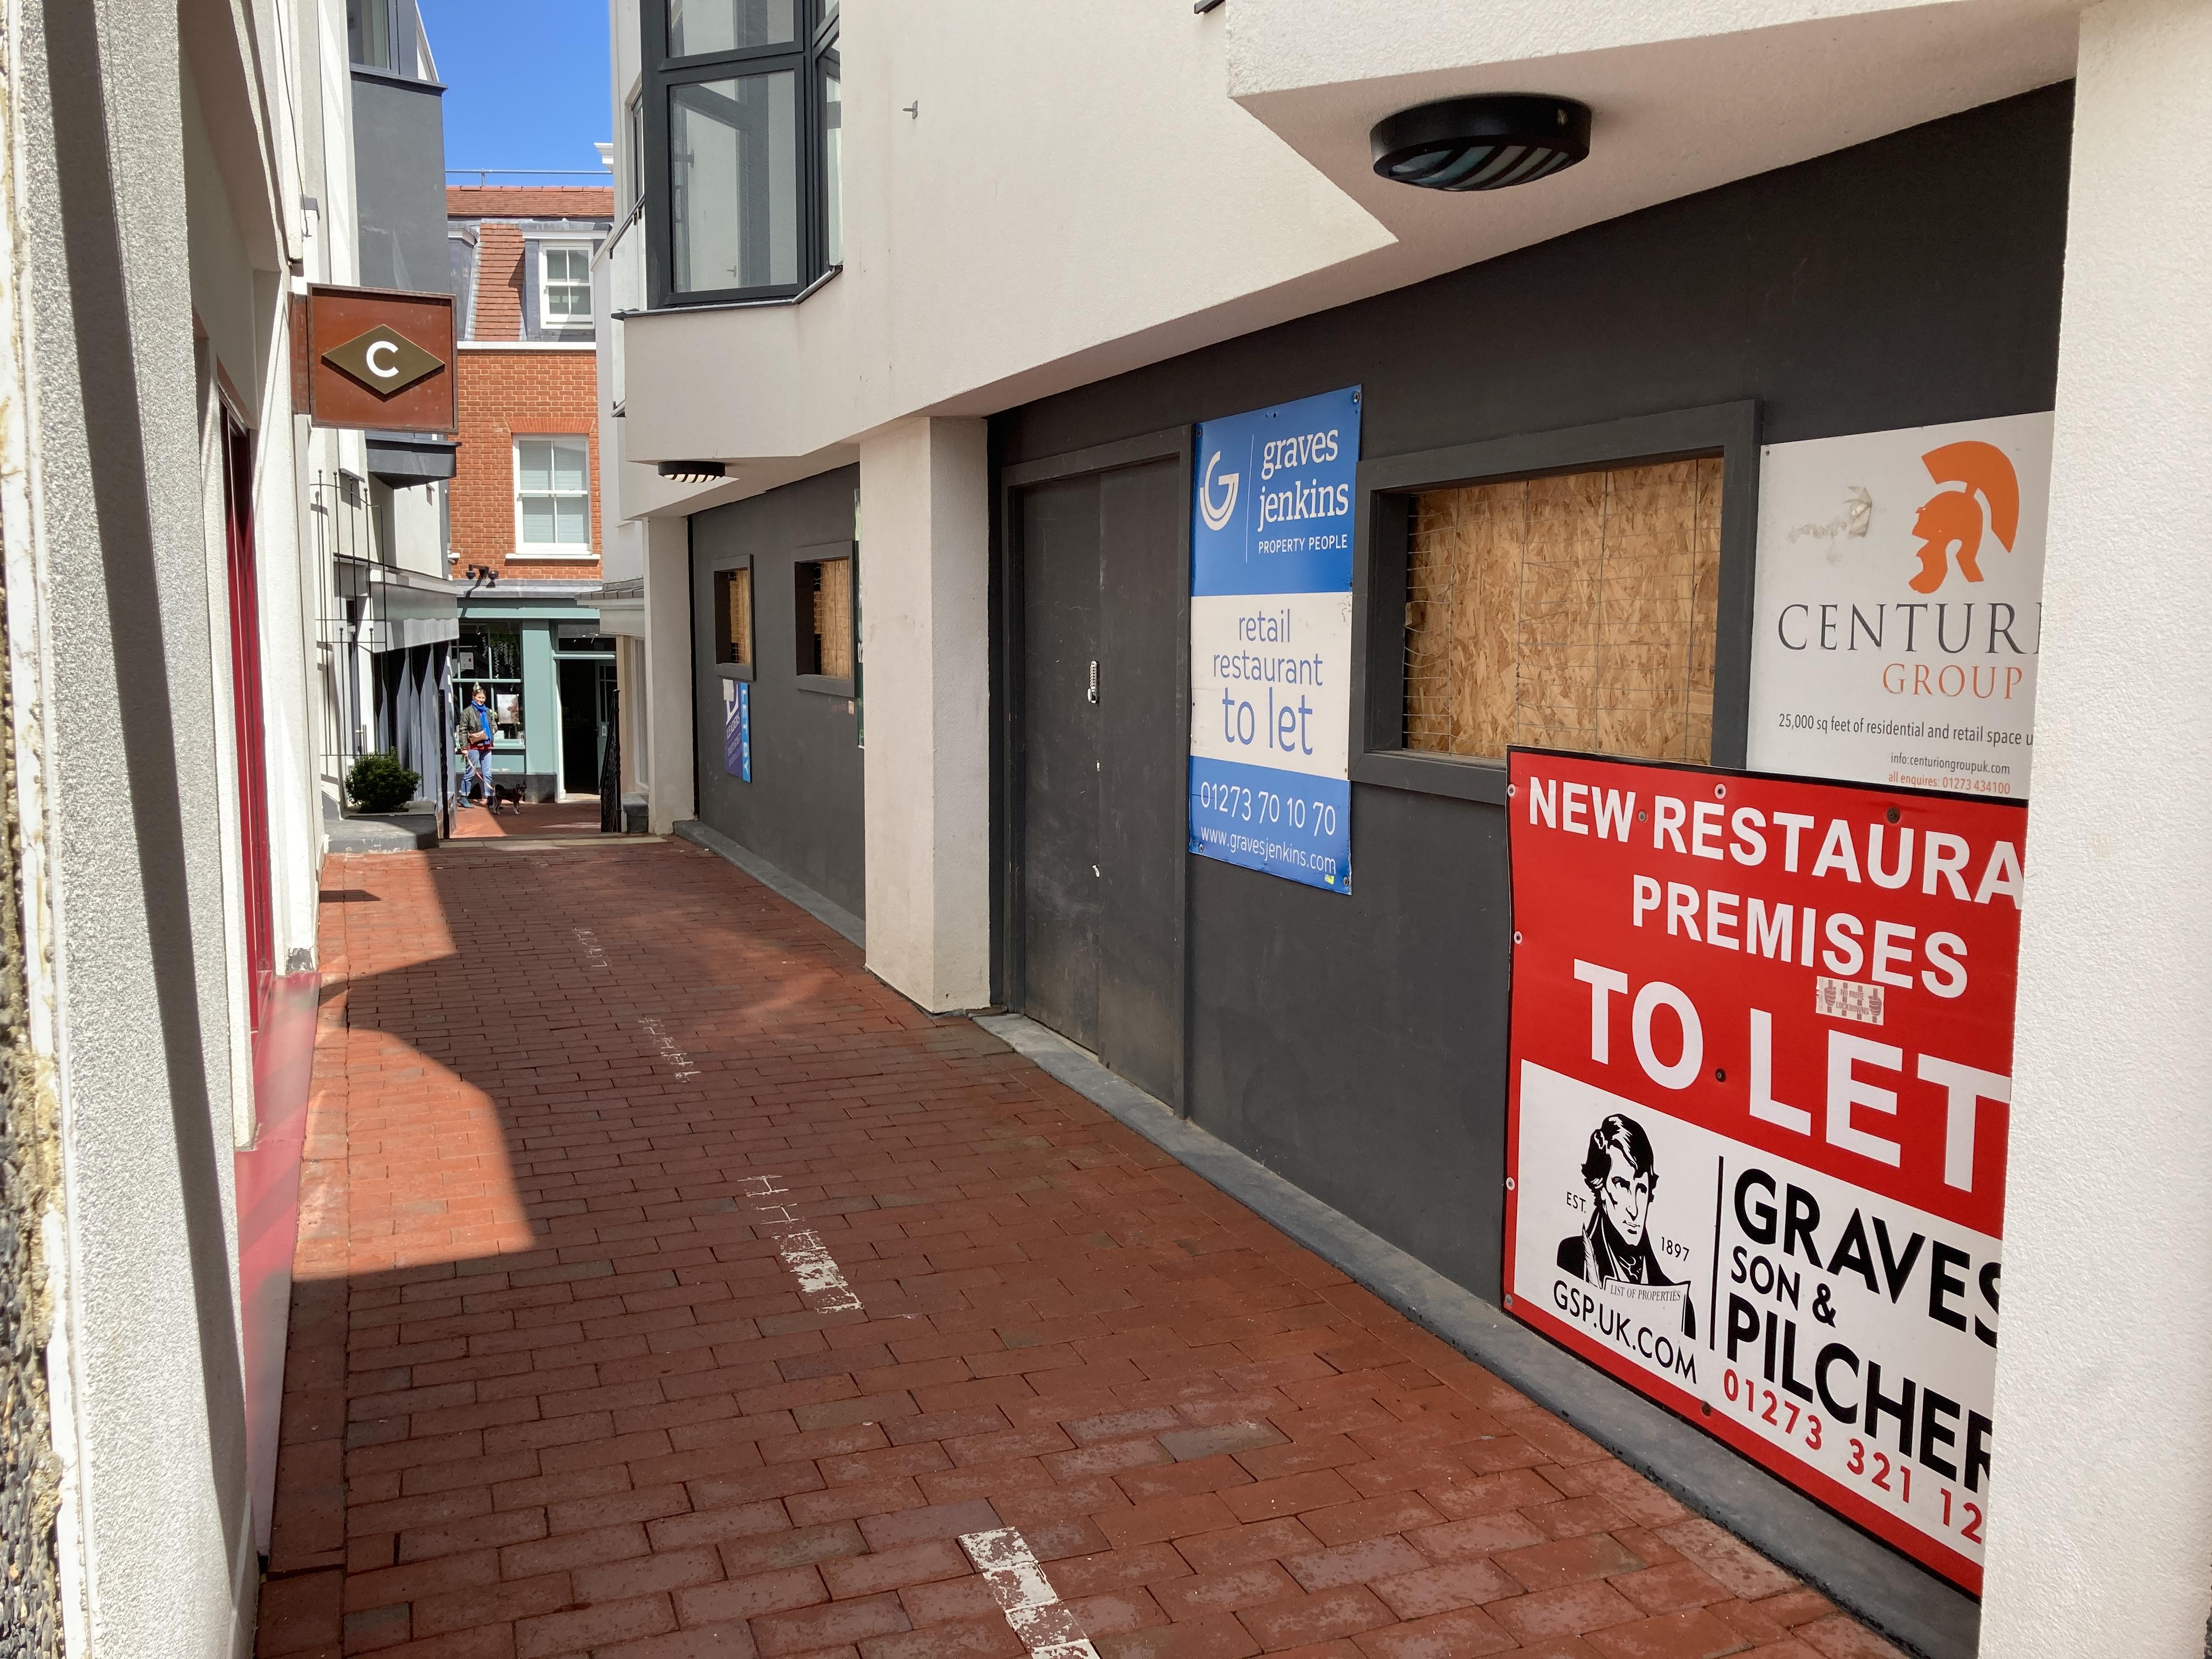 42-43 Brighton Square Brighton image.